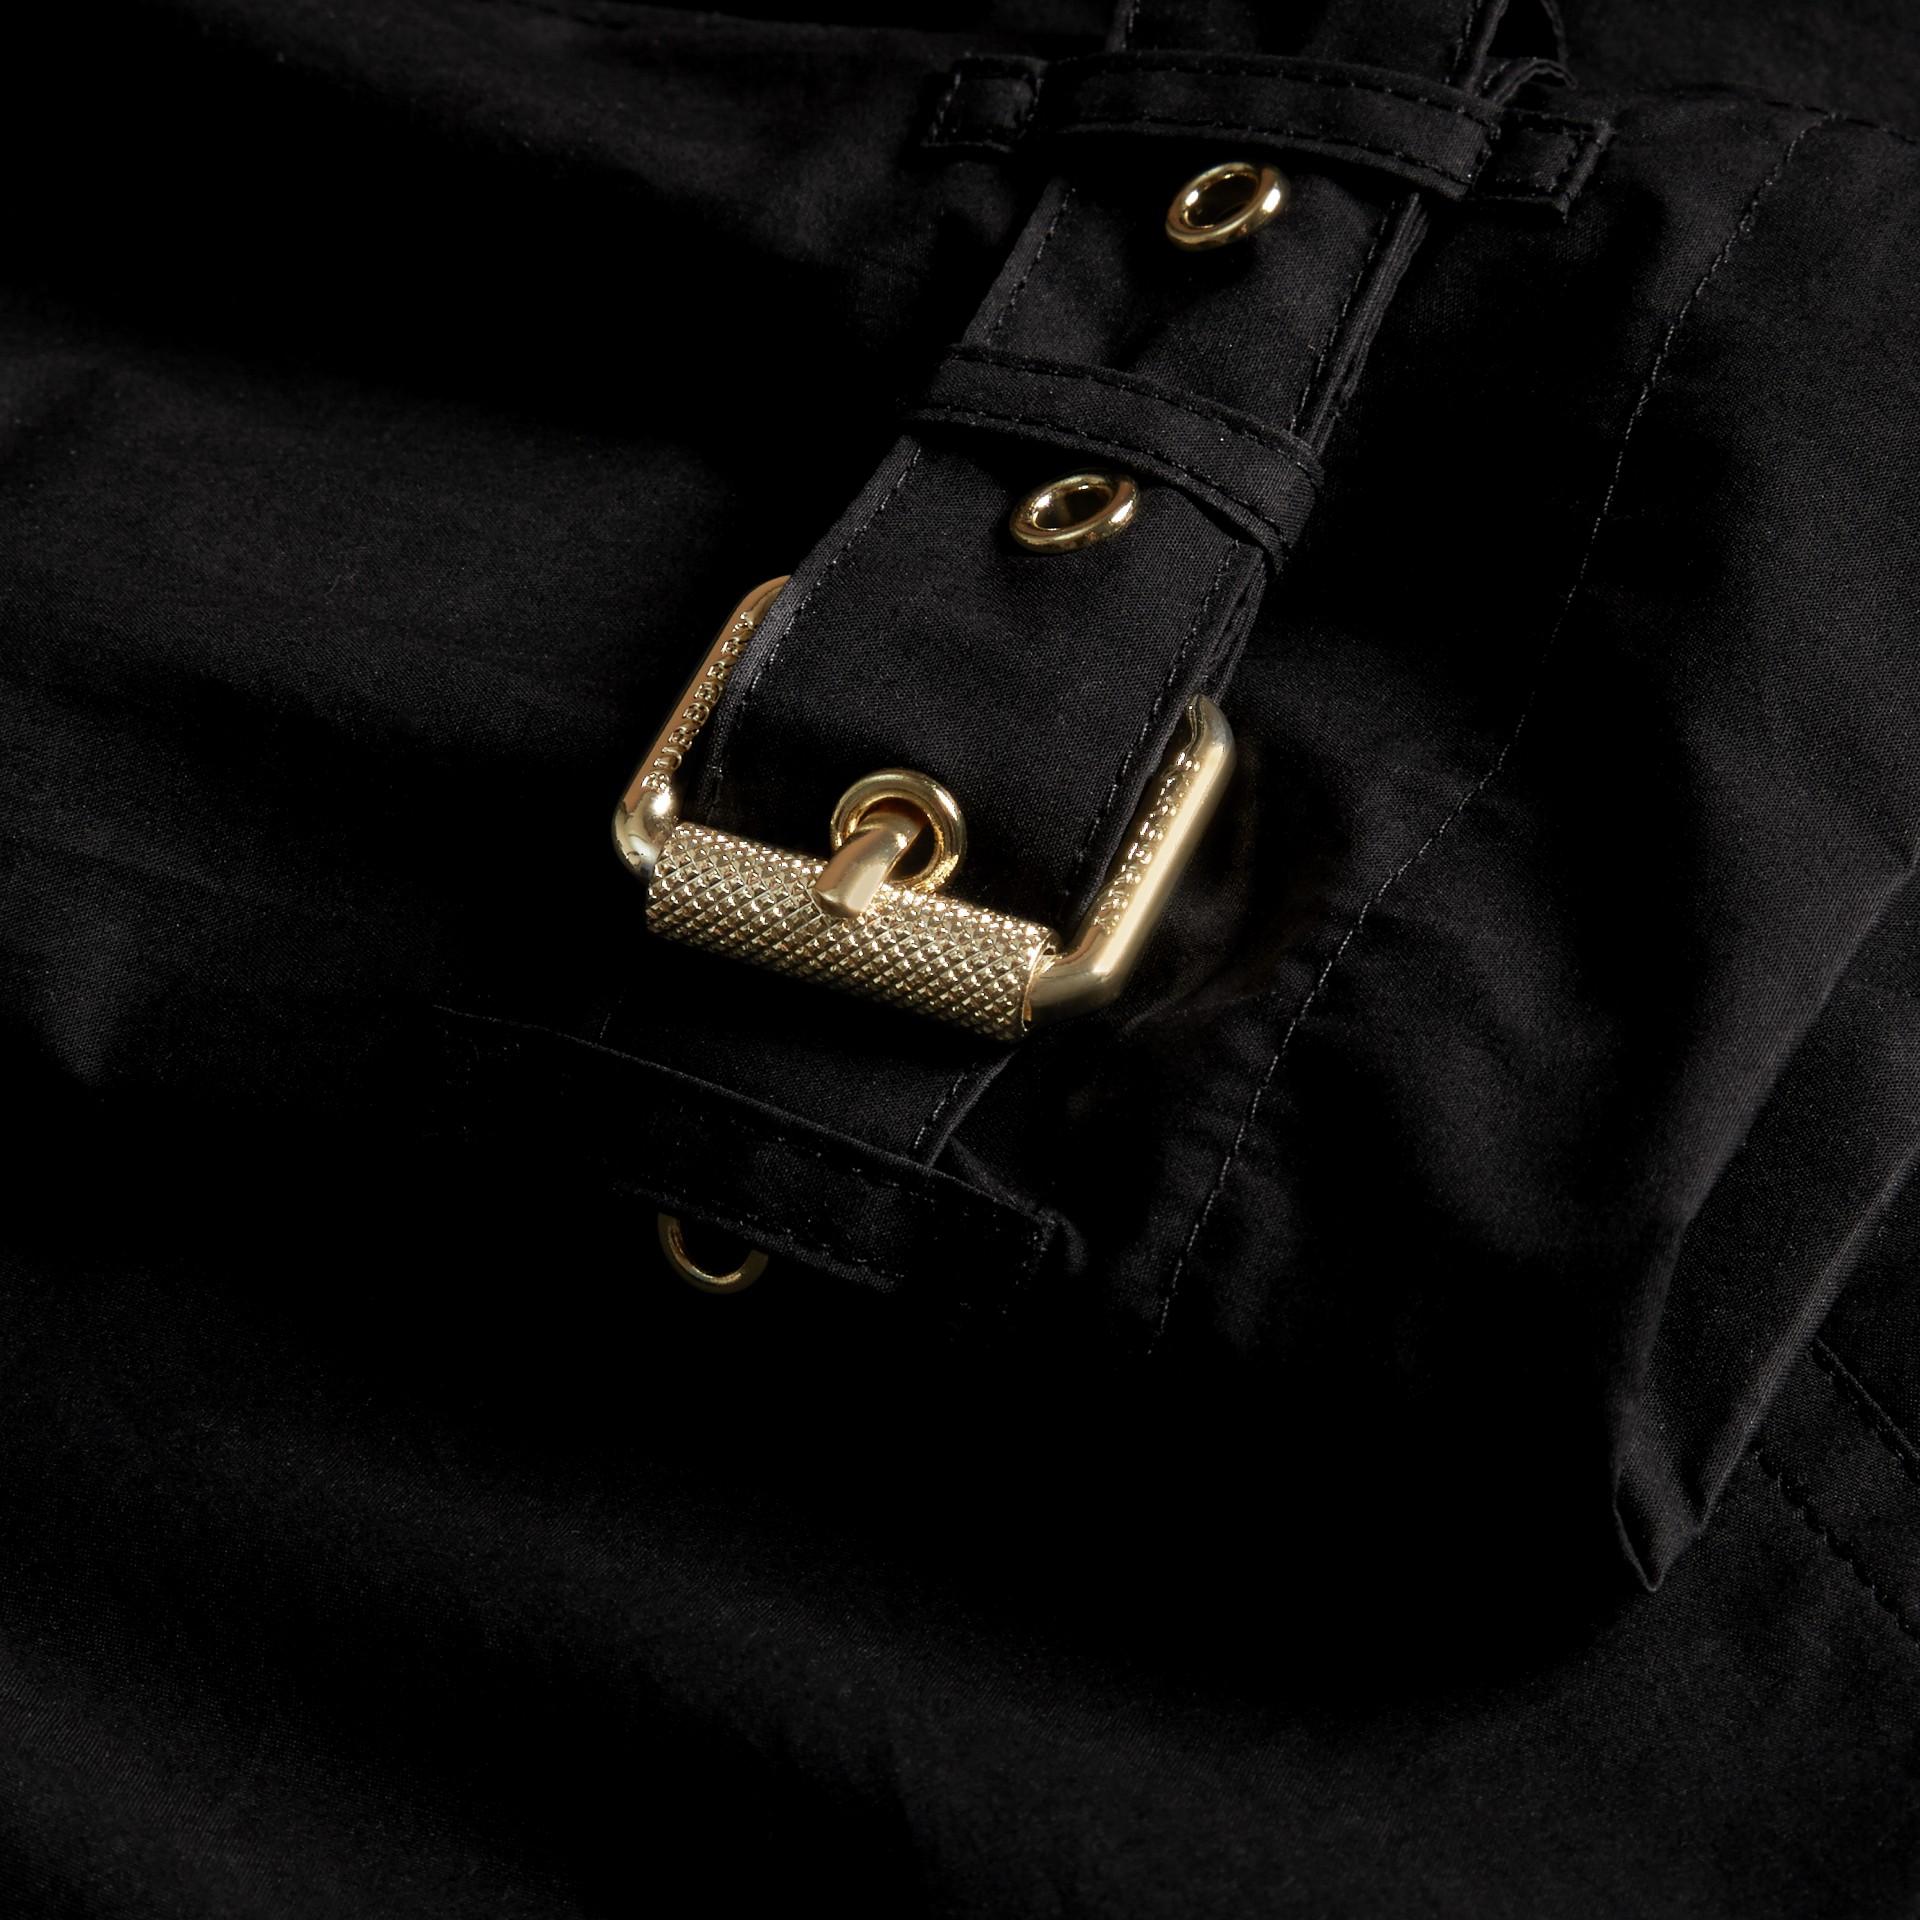 ブラック ライトウェイト ケープディテール コットントレンチコート ブラック - ギャラリーイメージ 2